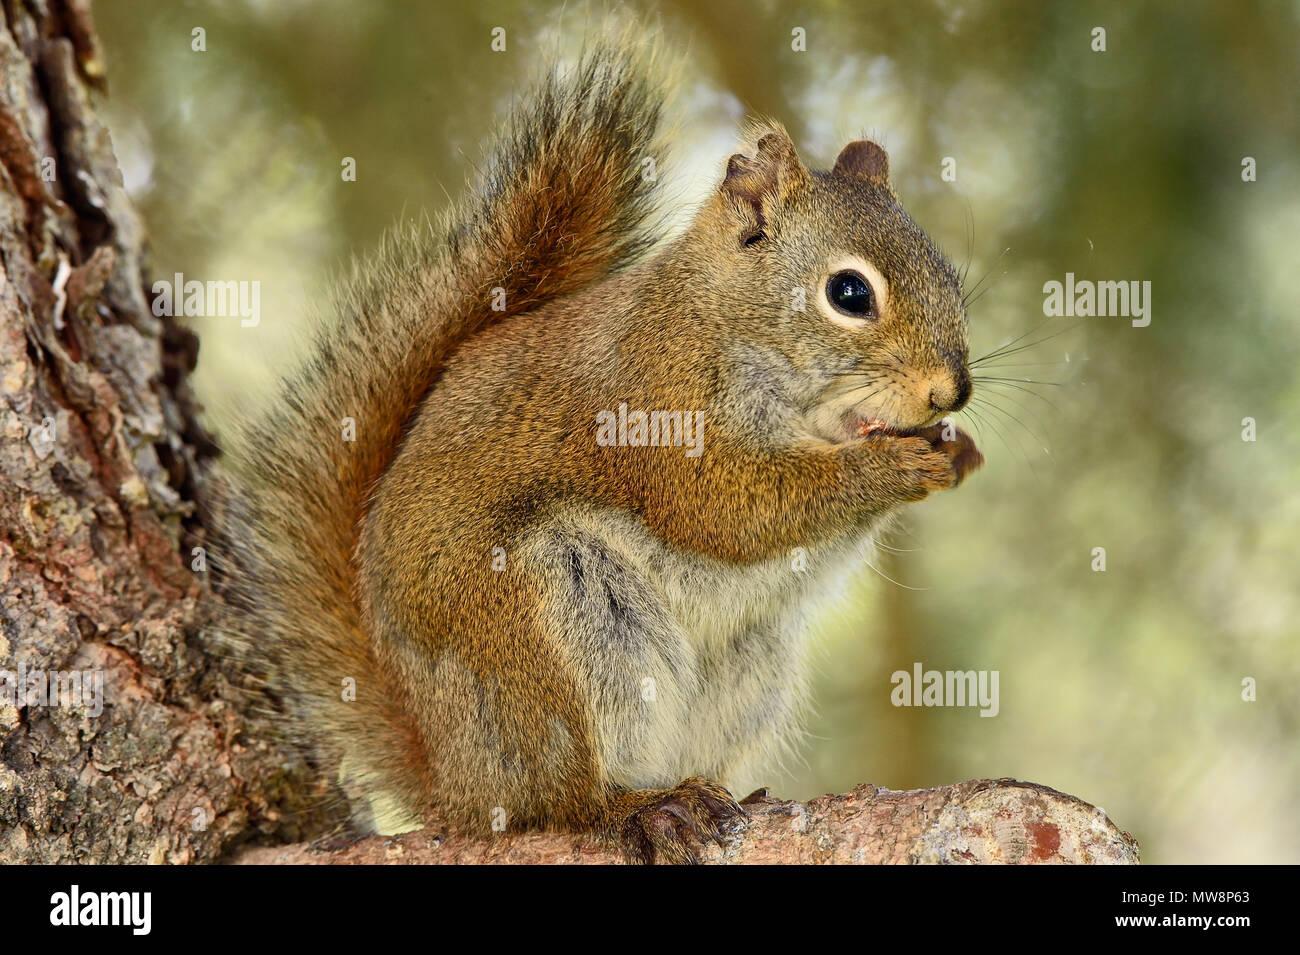 """Ein wildes Eichhörnchen """"Tamiasciurus hudsonicus'; sitzen auf Zweig einer Spruce Tree mit seinen Vorderpfoten etwas, das er ißt, im ländlichen Raum zu halten, ein Stockbild"""